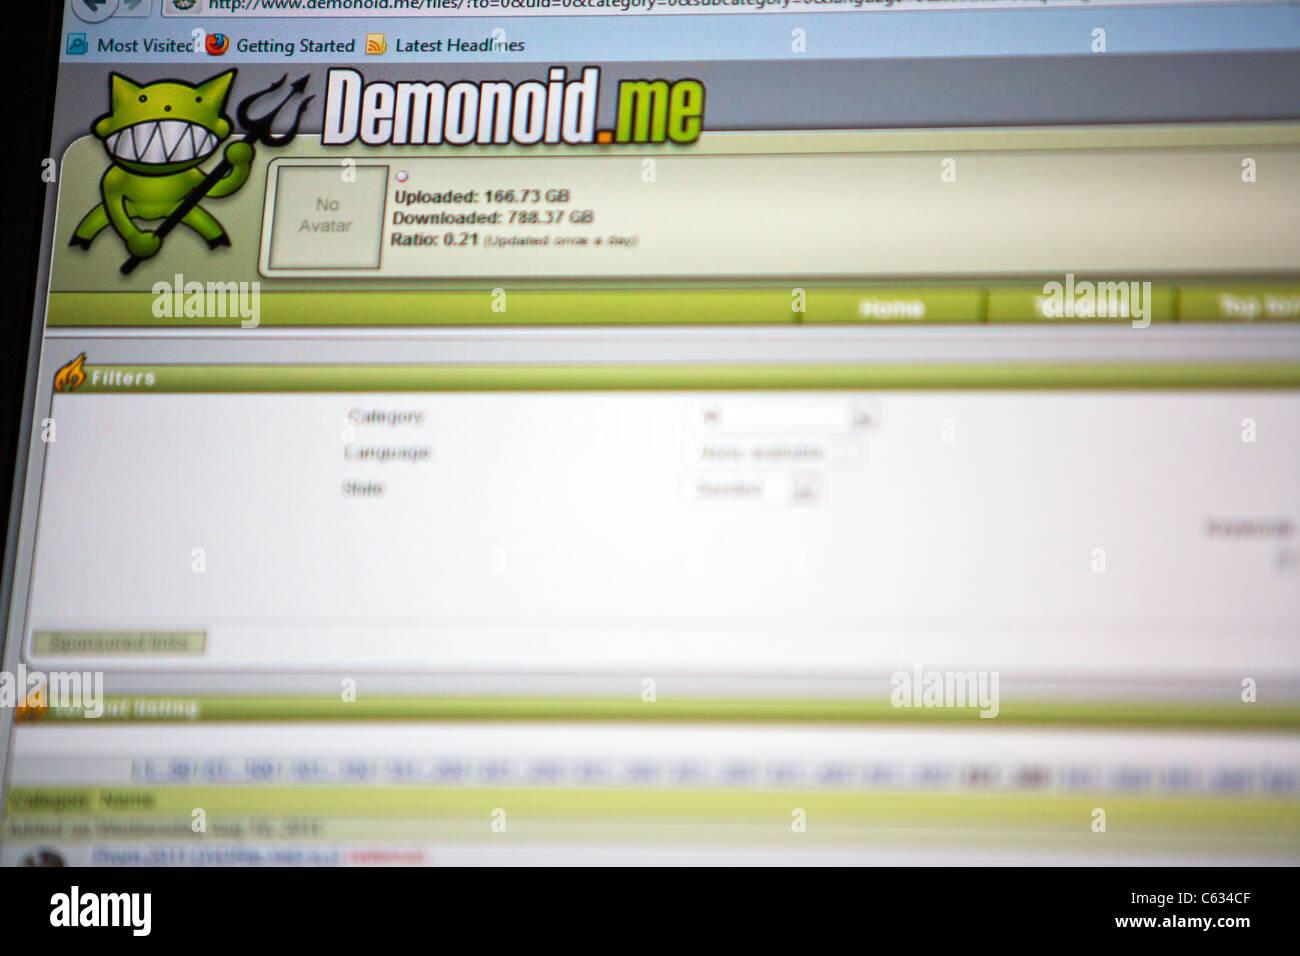 Logo du site de téléchargement illégal bit torrent demonoid image haute résolution prises à Photo Stock